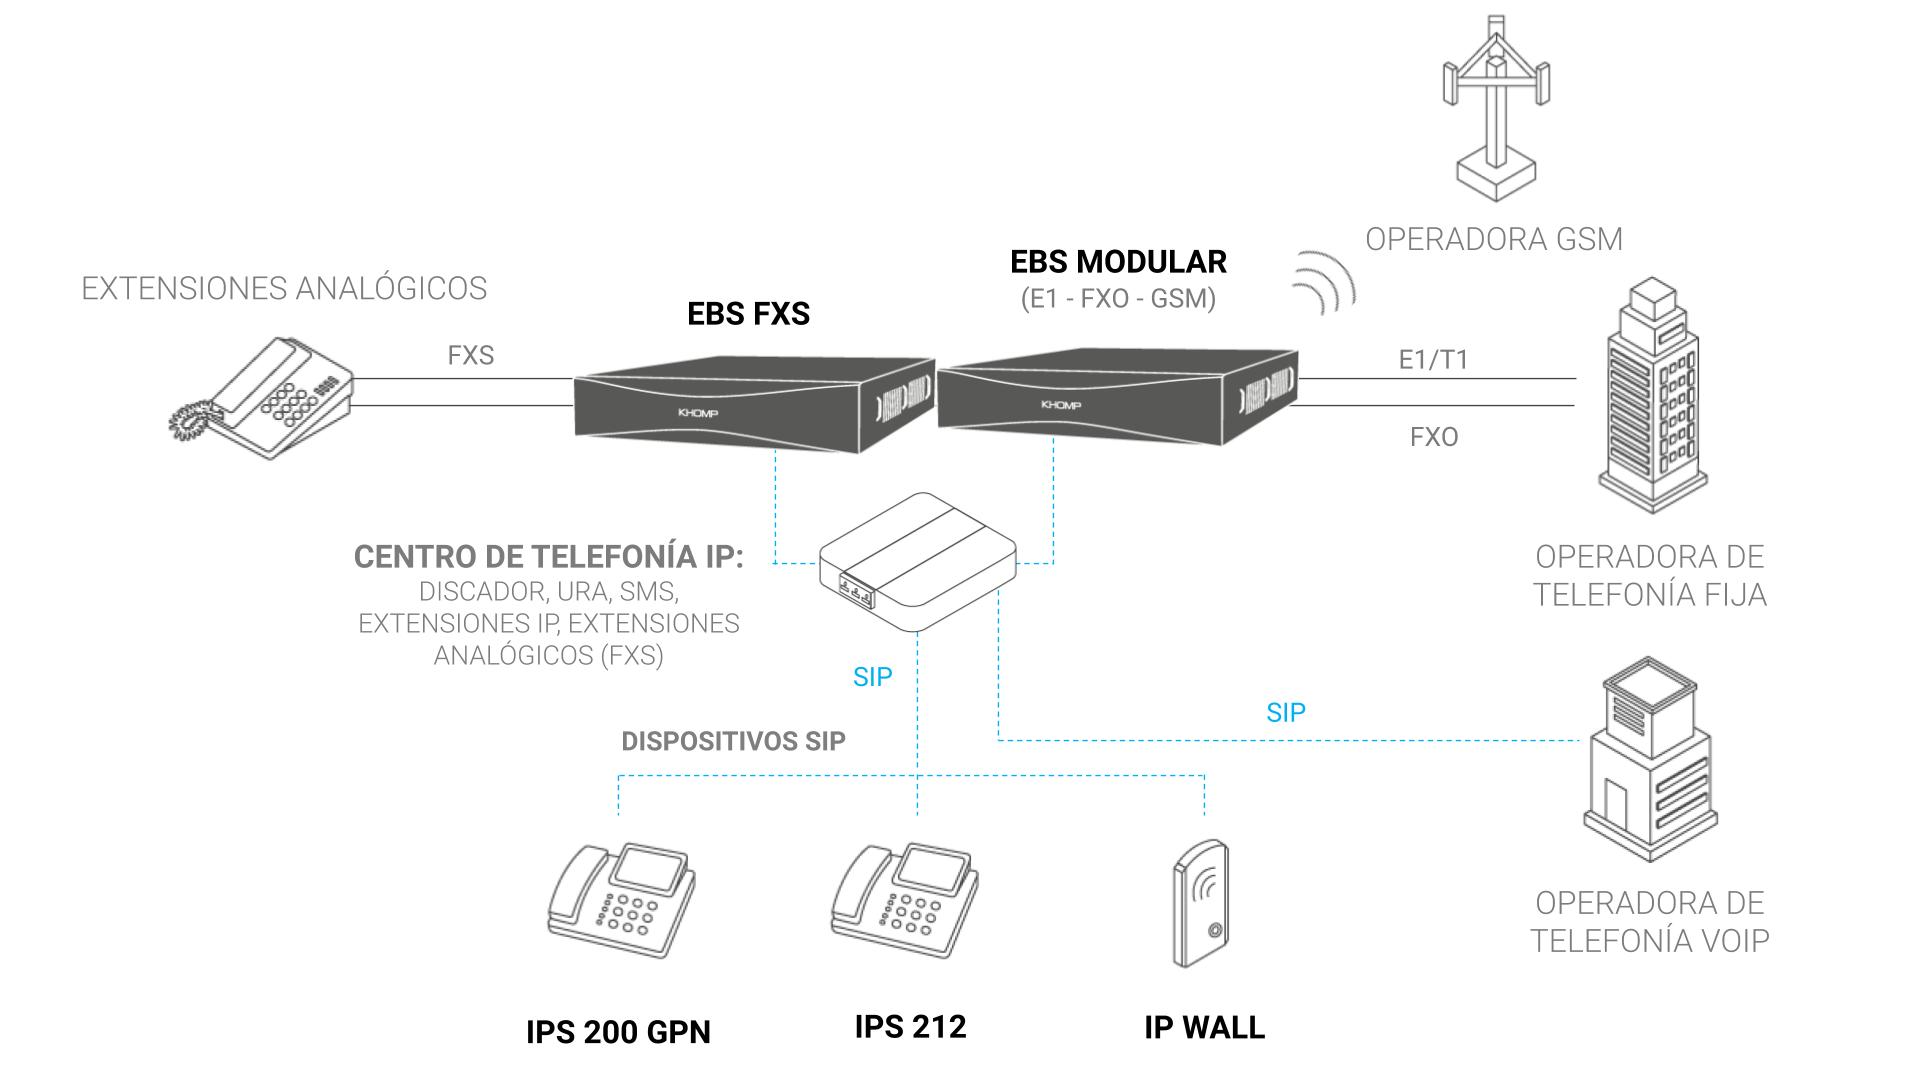 Modelo de Aplicación - EBS Modular